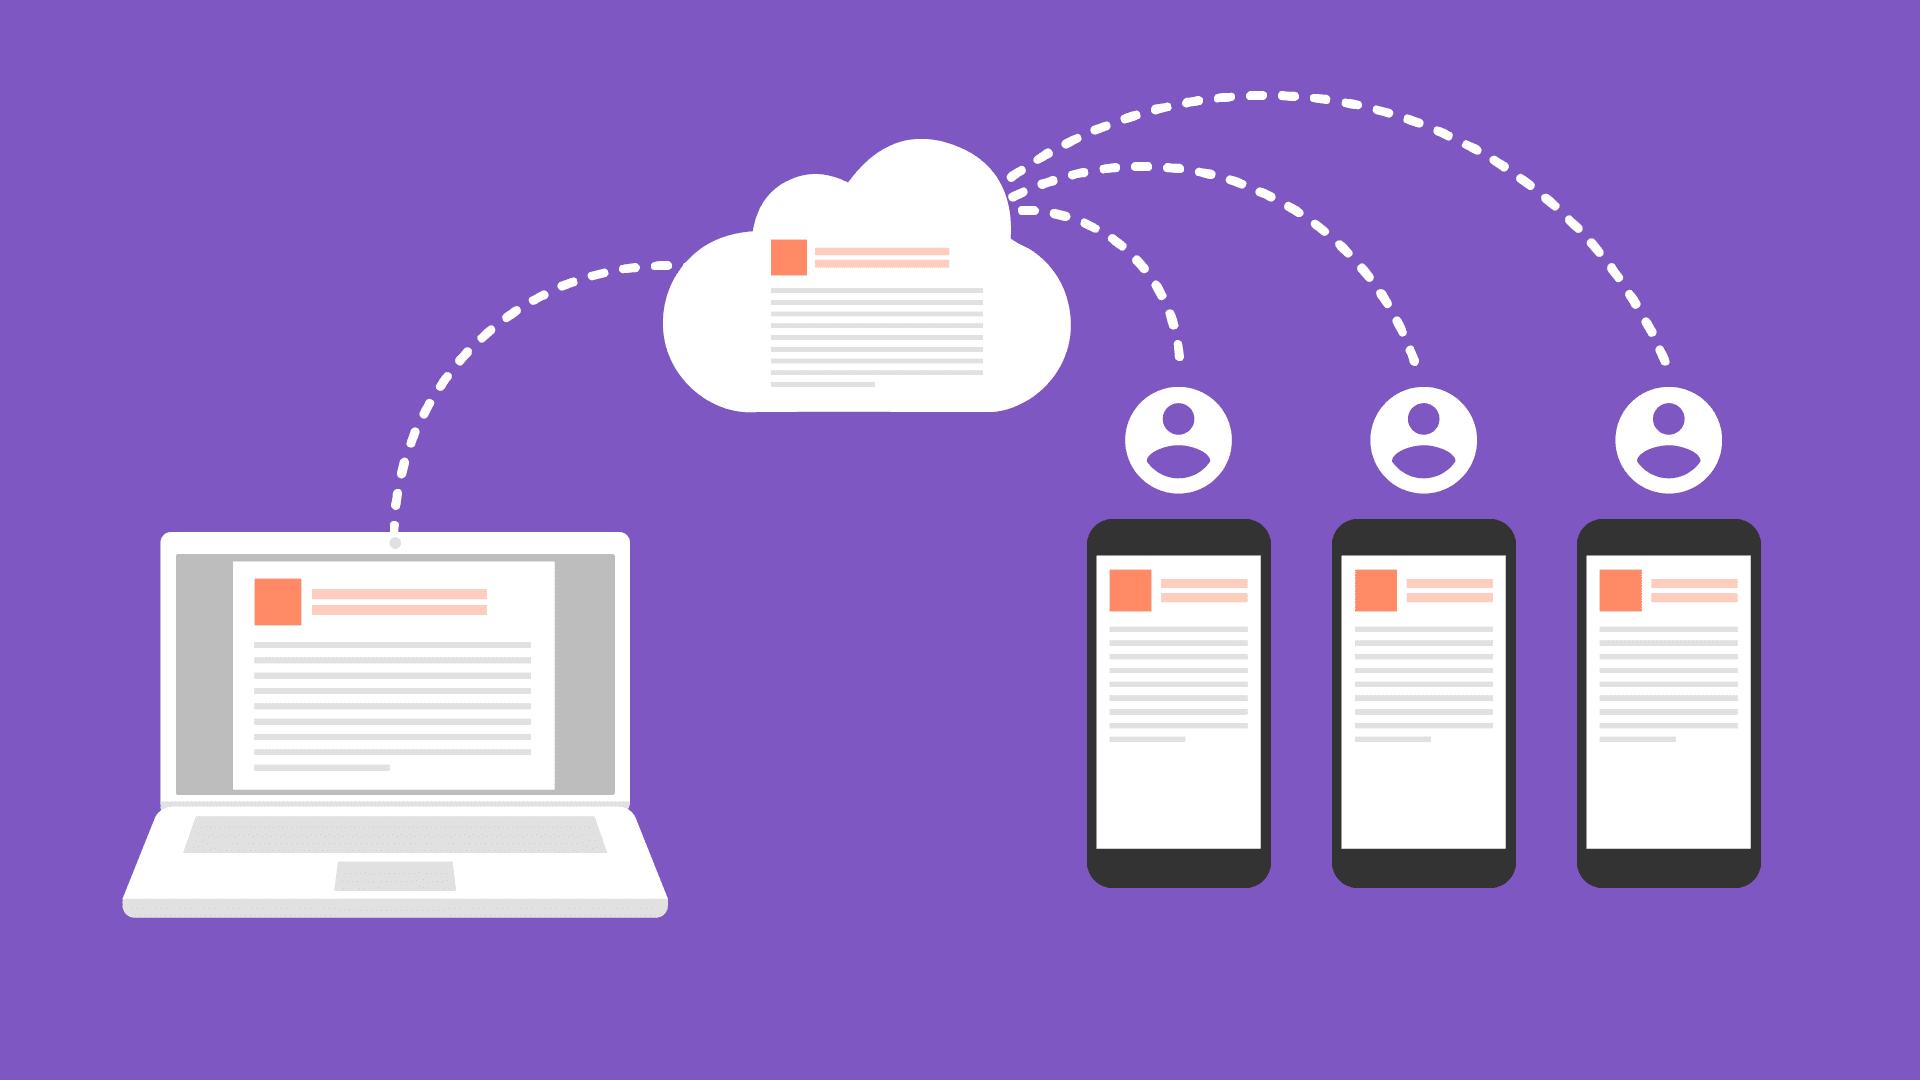 Abbildung der Synchronisierung von Cloud-Daten mit Clients